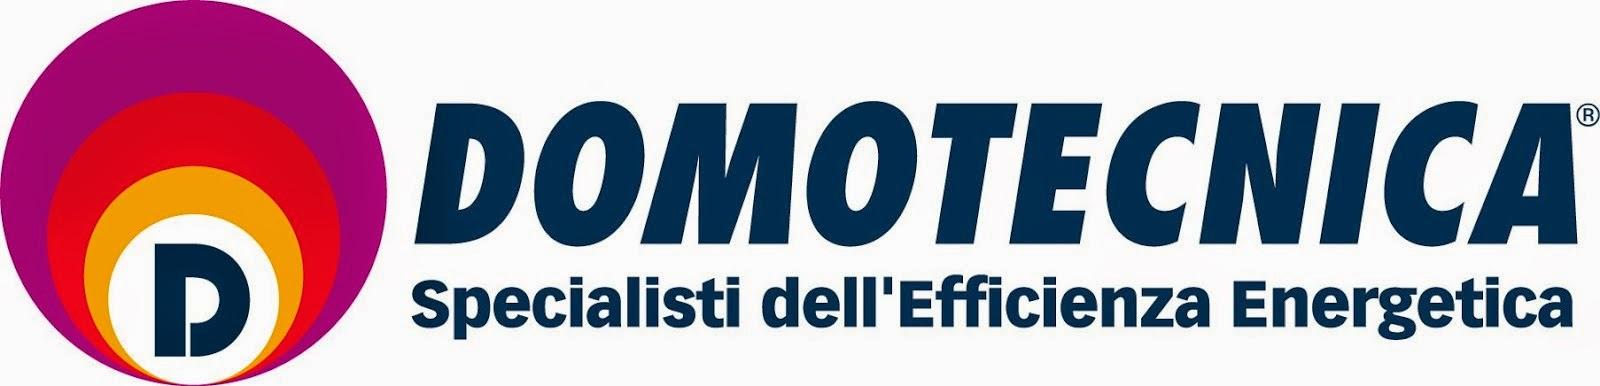 Logo_Domotecnica-734184